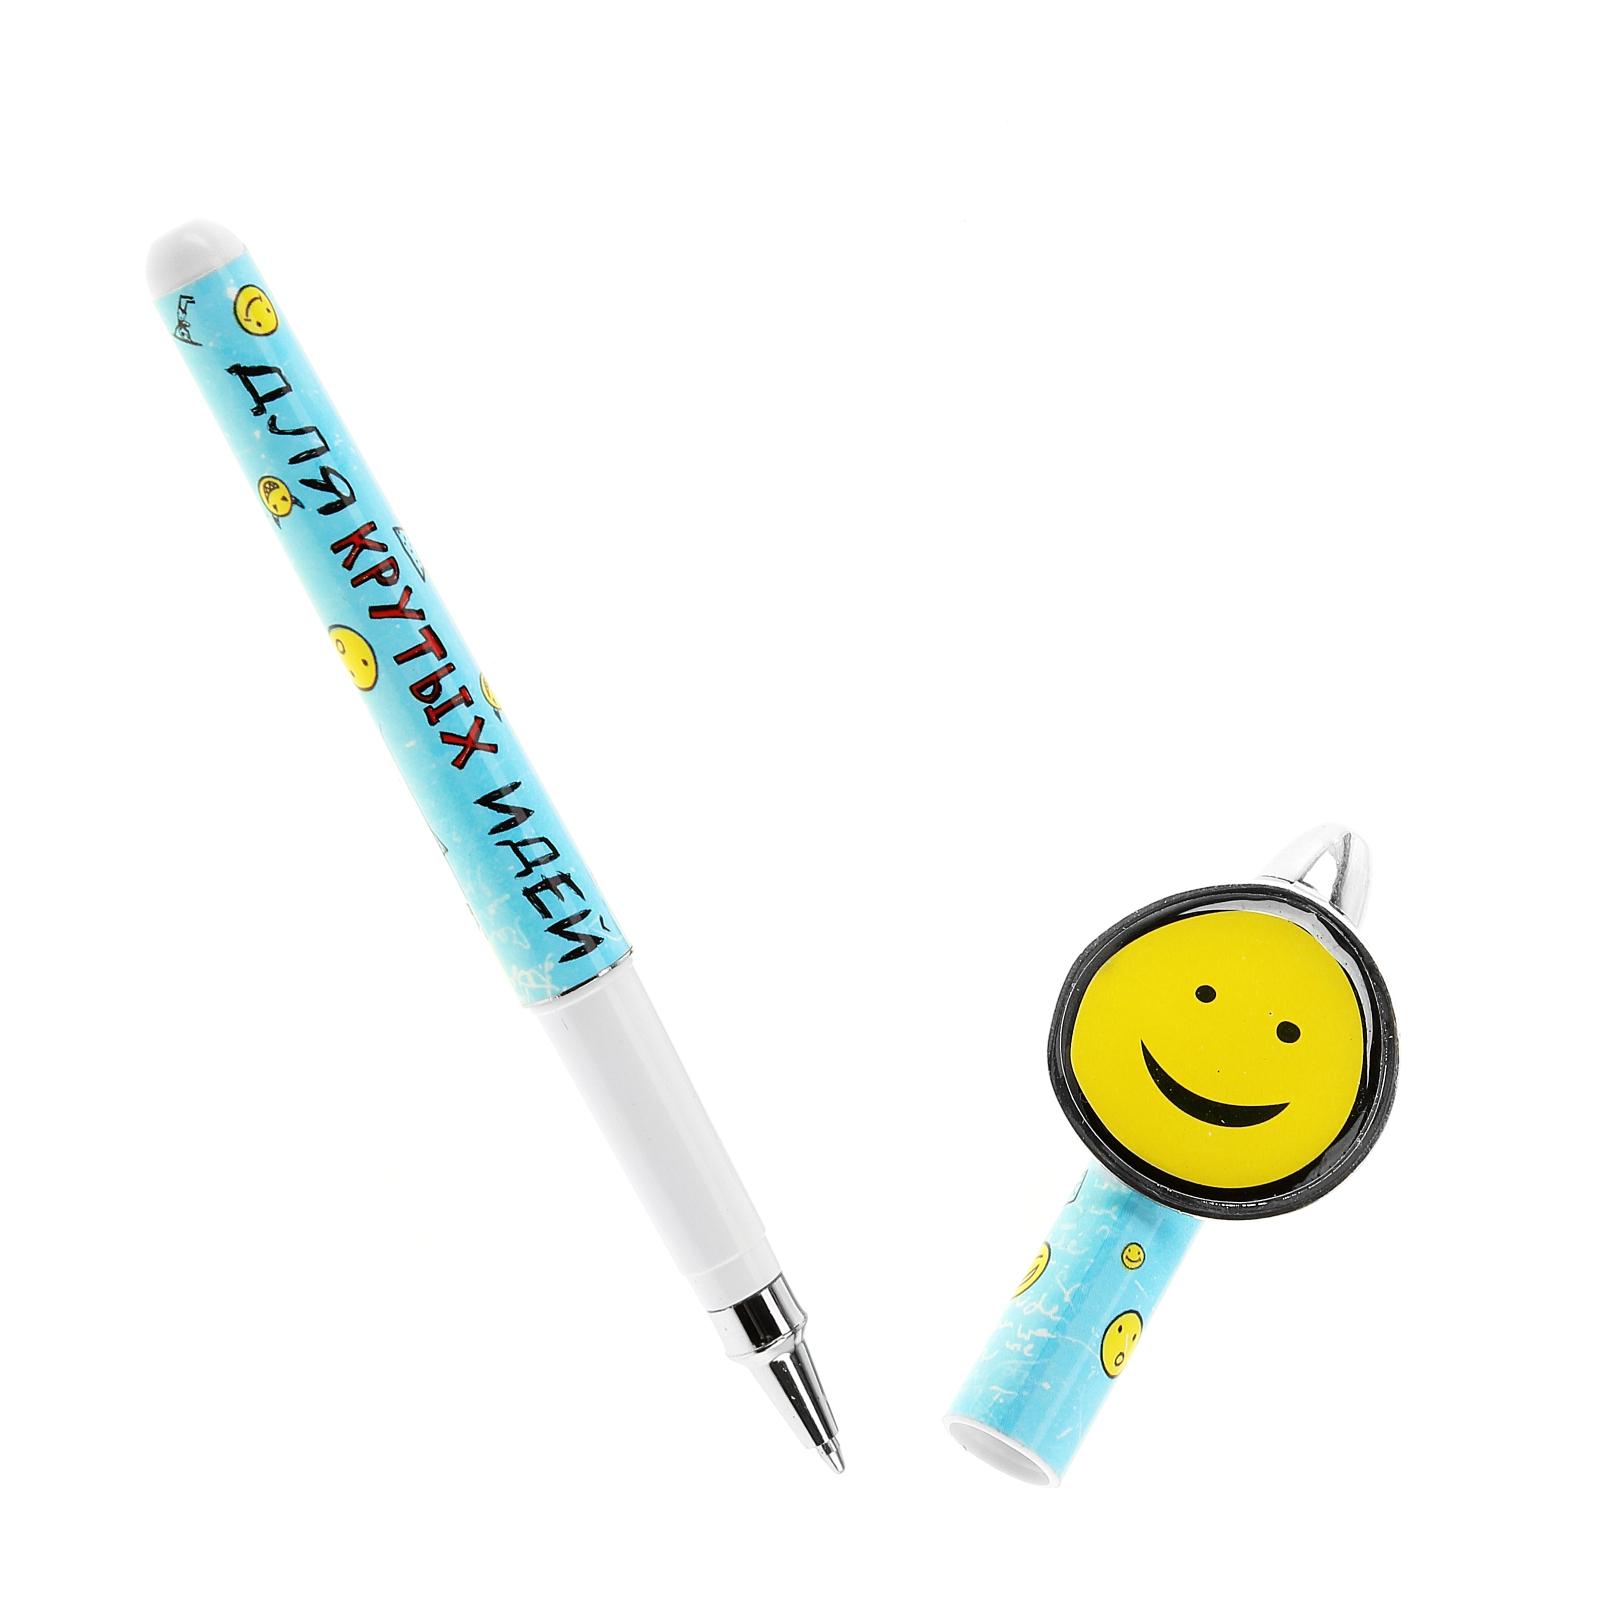 Яркая и забавная - это настоящая находка для тех, кто любит не только функциональные, но и красивые аксессуары. Оригинальный принт изделия не оставит никого равнодушным и будет радовать своего обладателя день за днем. Такая ручка особенно придется по душе детям, всегда предпочитающим веселые вещи скучным и однообразным. Она комплектуется авторской упаковкой с душевными пожеланиями, что сделает ваш подарок еще более запоминающимся.